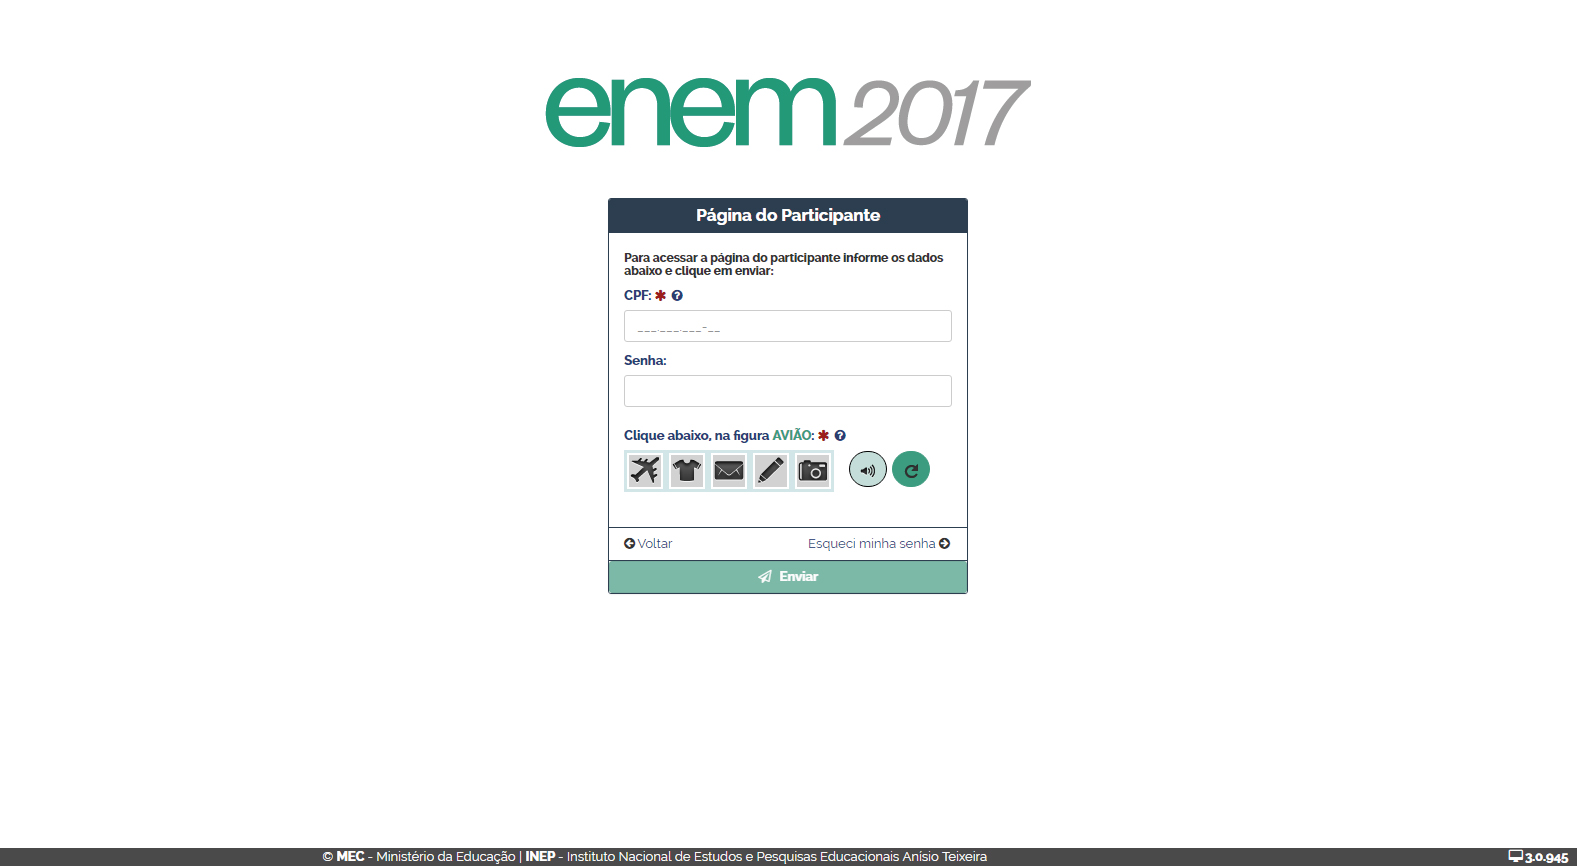 Página do participante - Enem 2017